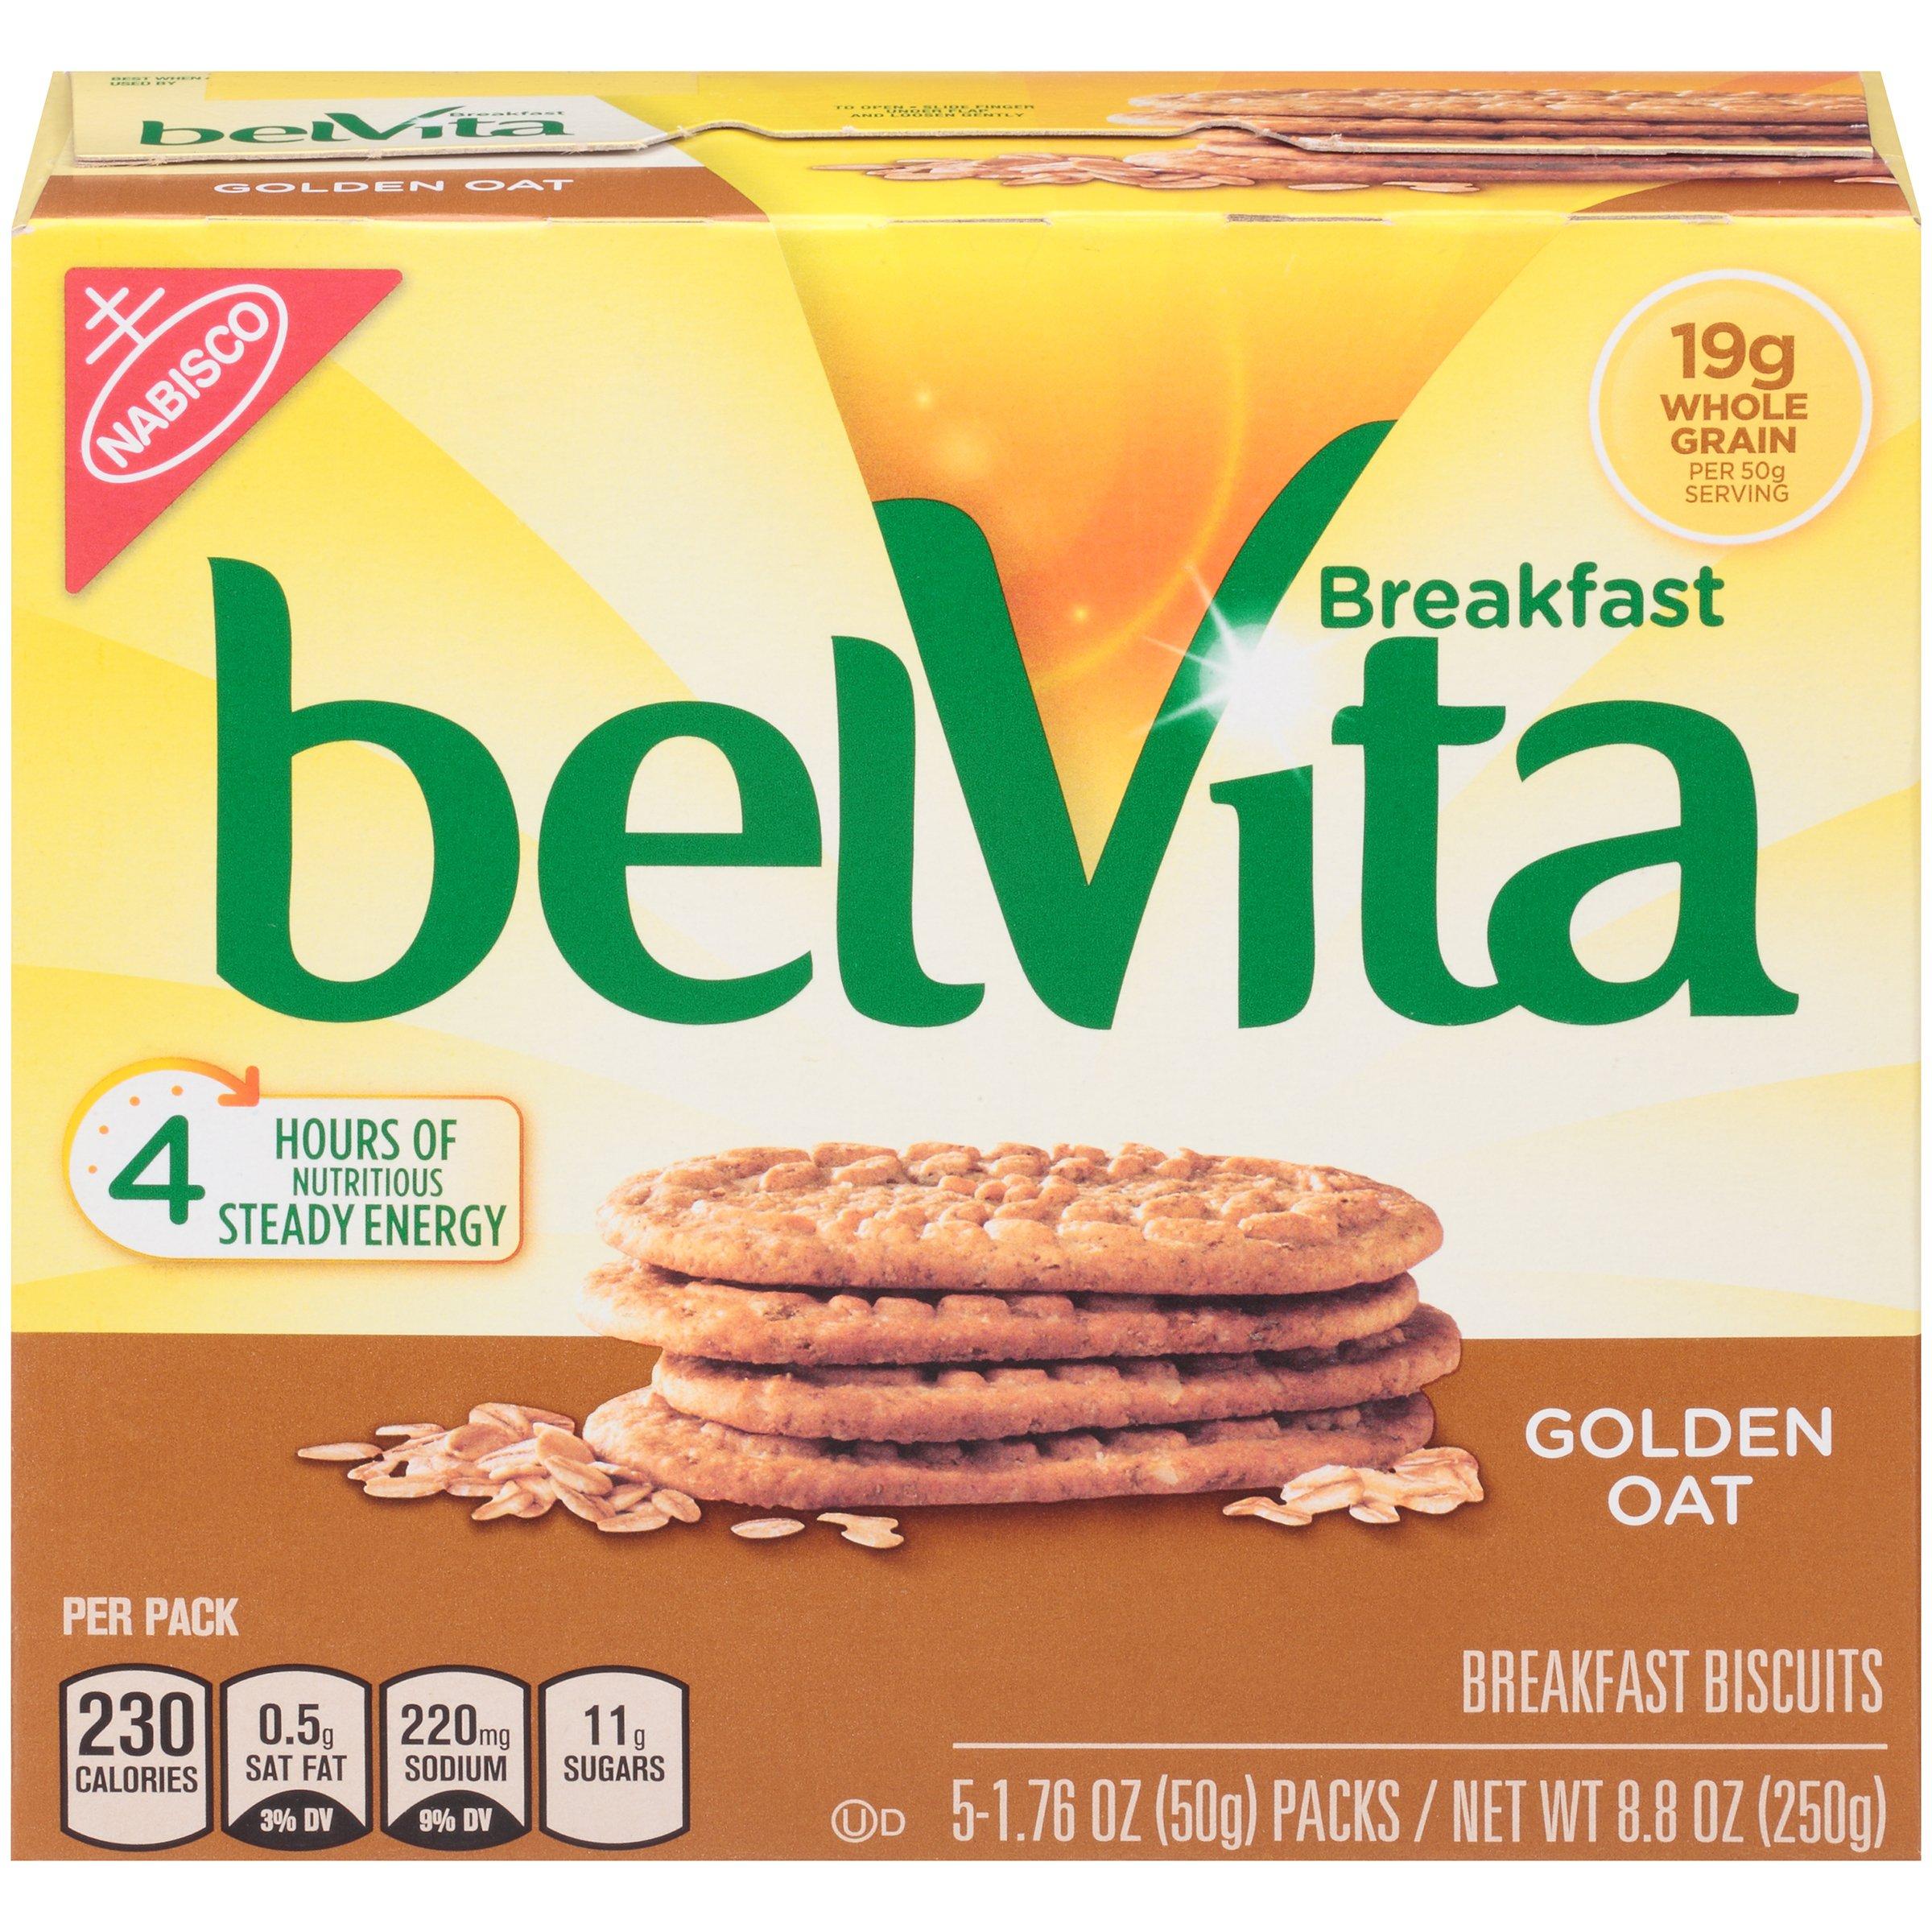 belVita Breakfast Biscuits, Golden Oat Breakfast Biscuits, 8.8 oz